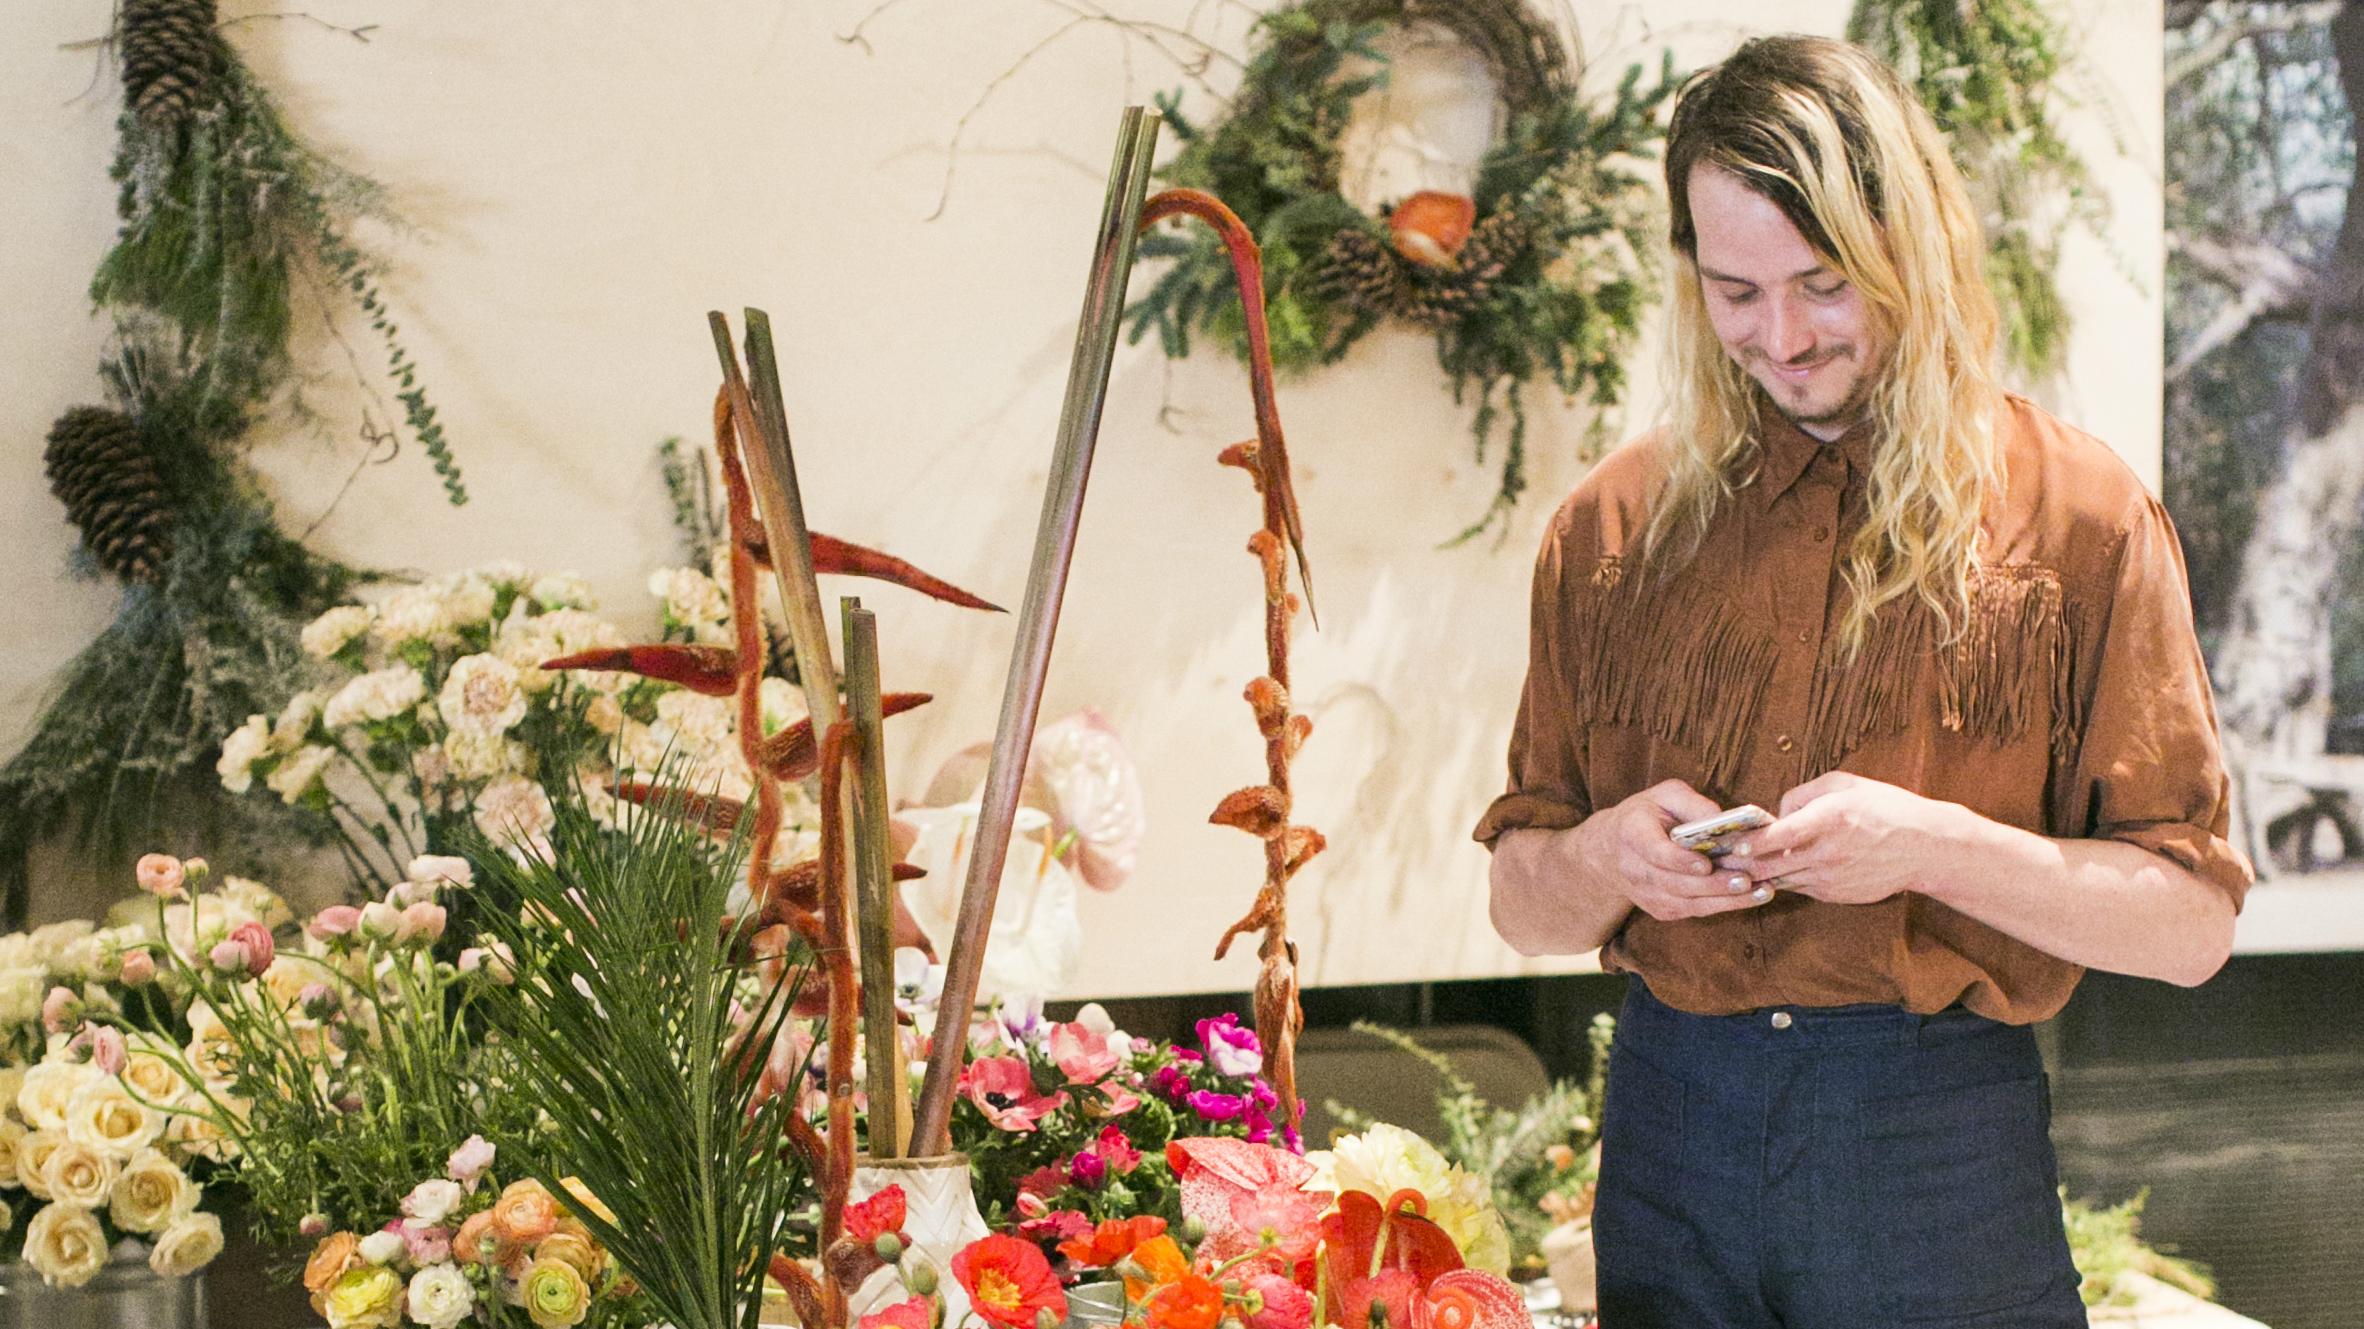 Neo hippie dating website